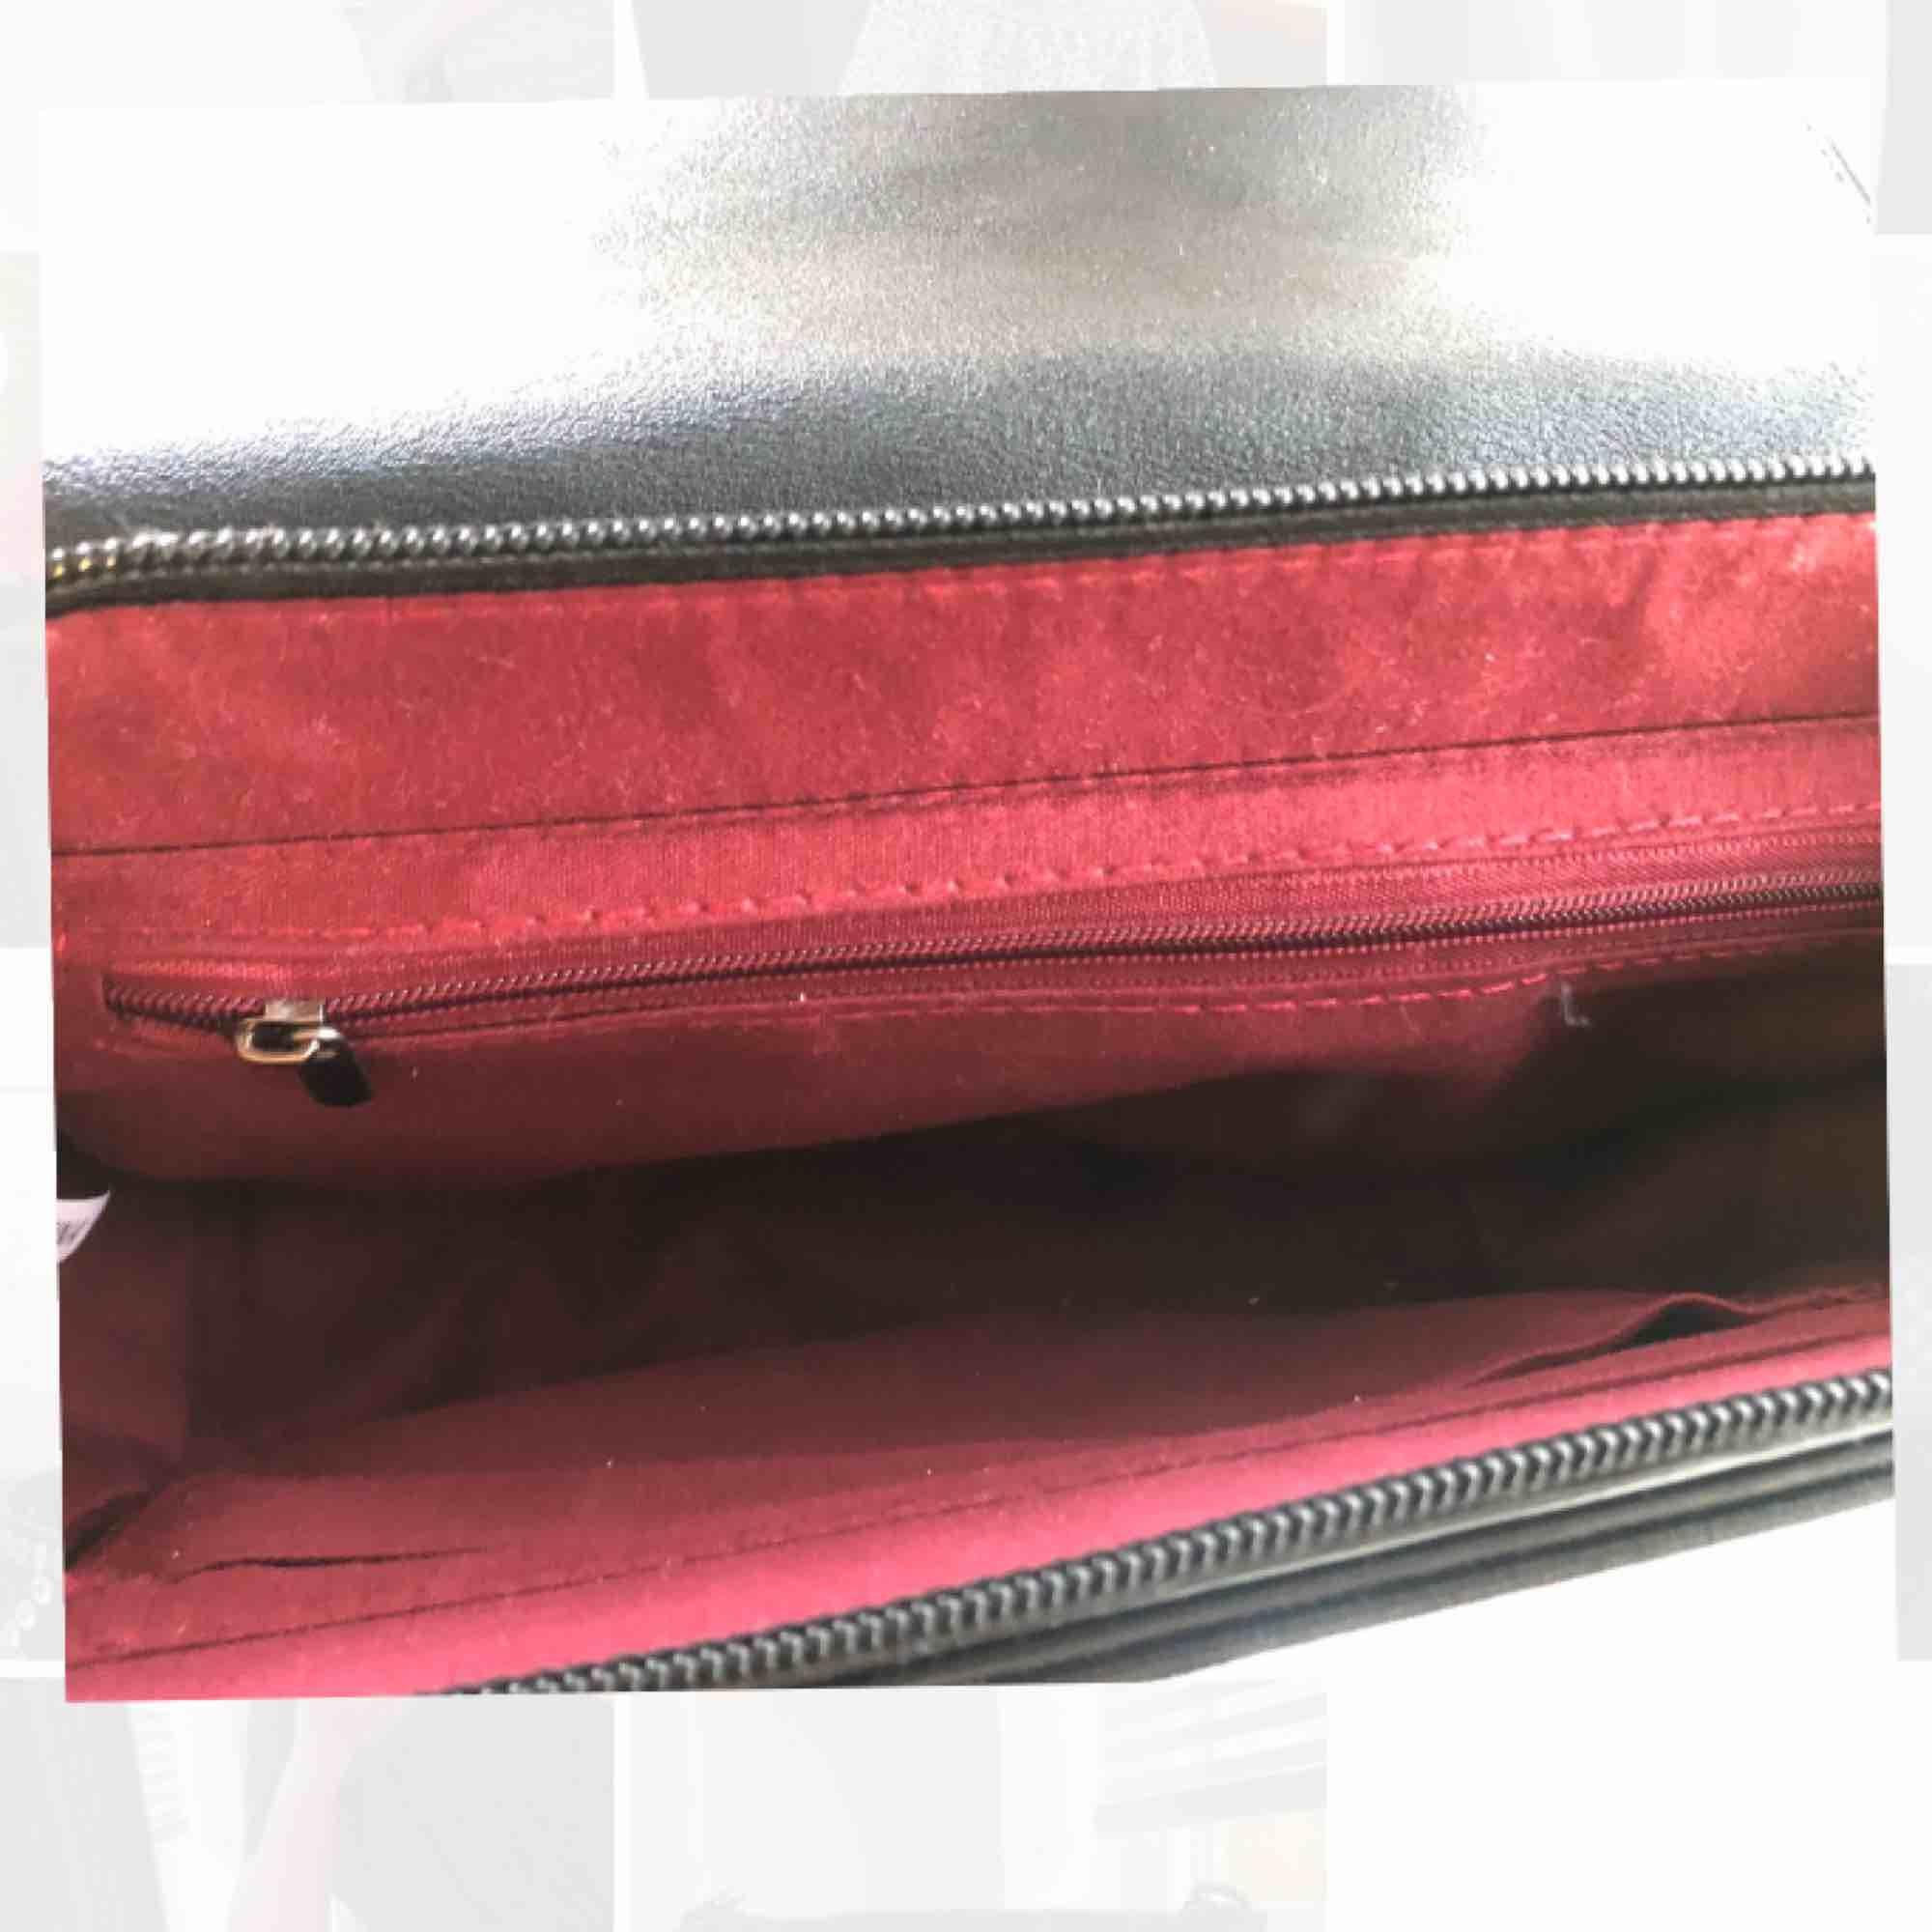 Superfin trendig crossover väska!  Passar till alla tillfällen. Väldigt rymlig! Nypris 500kr Kan gå ner i pris vid snabb affär. köparen betalar frakten! 💫. Väskor.